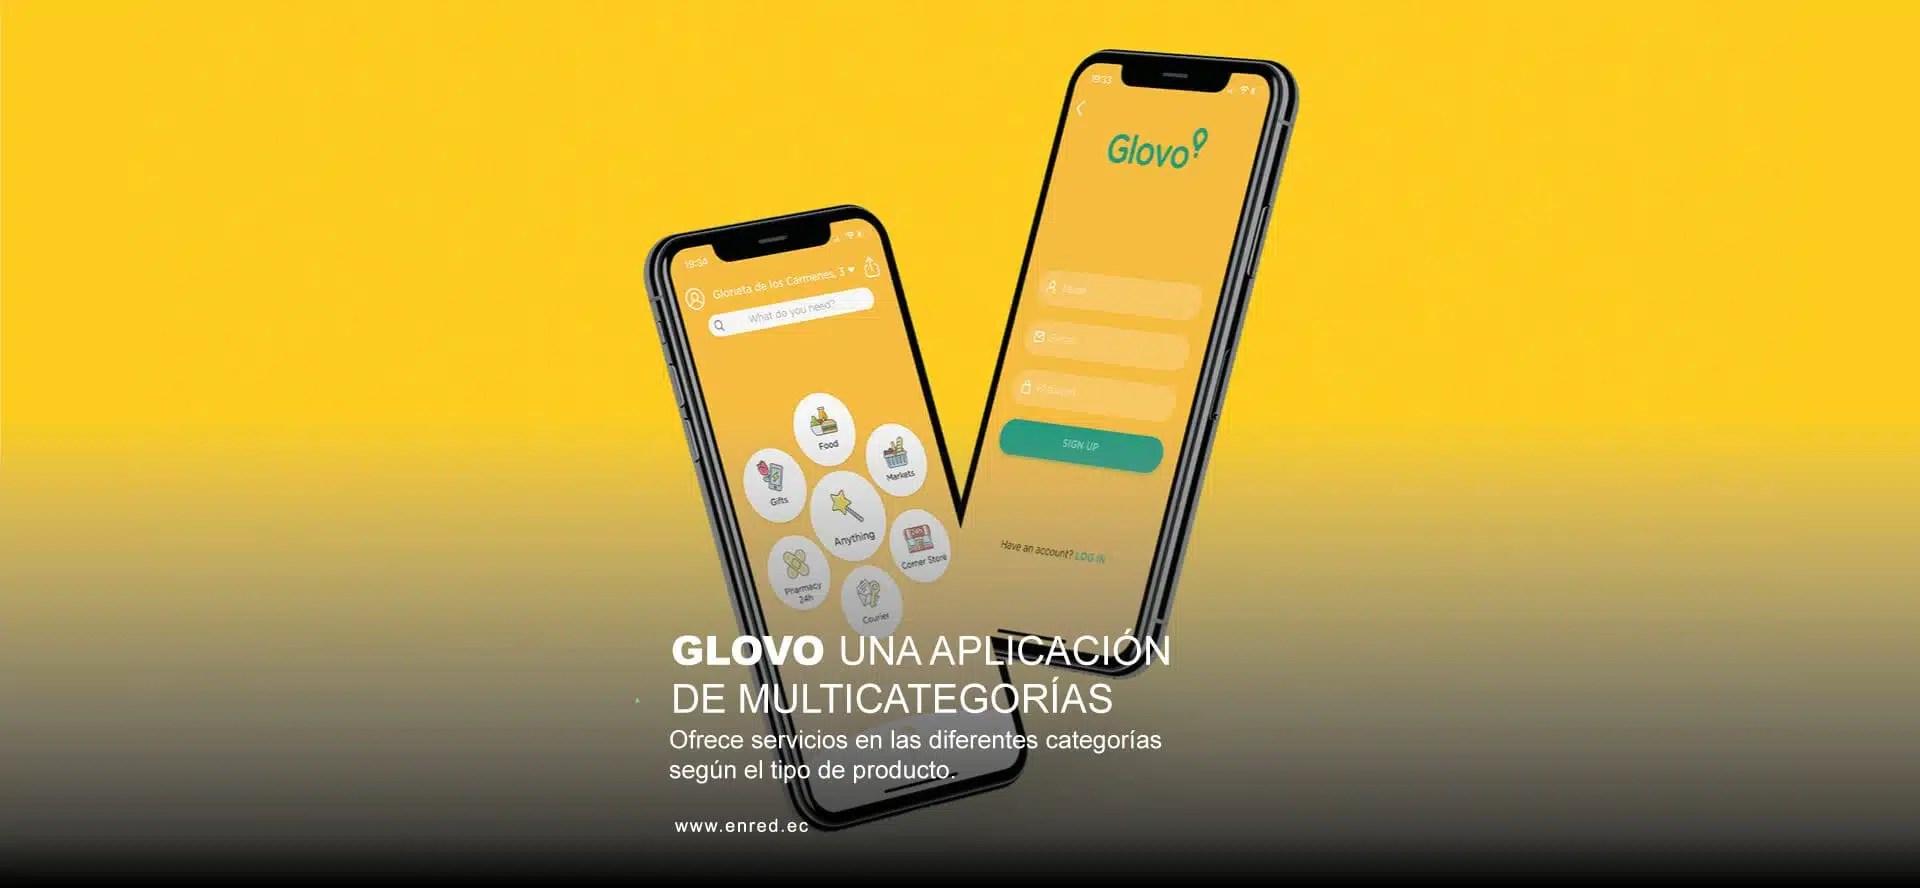 Glovo una App Multicategorías